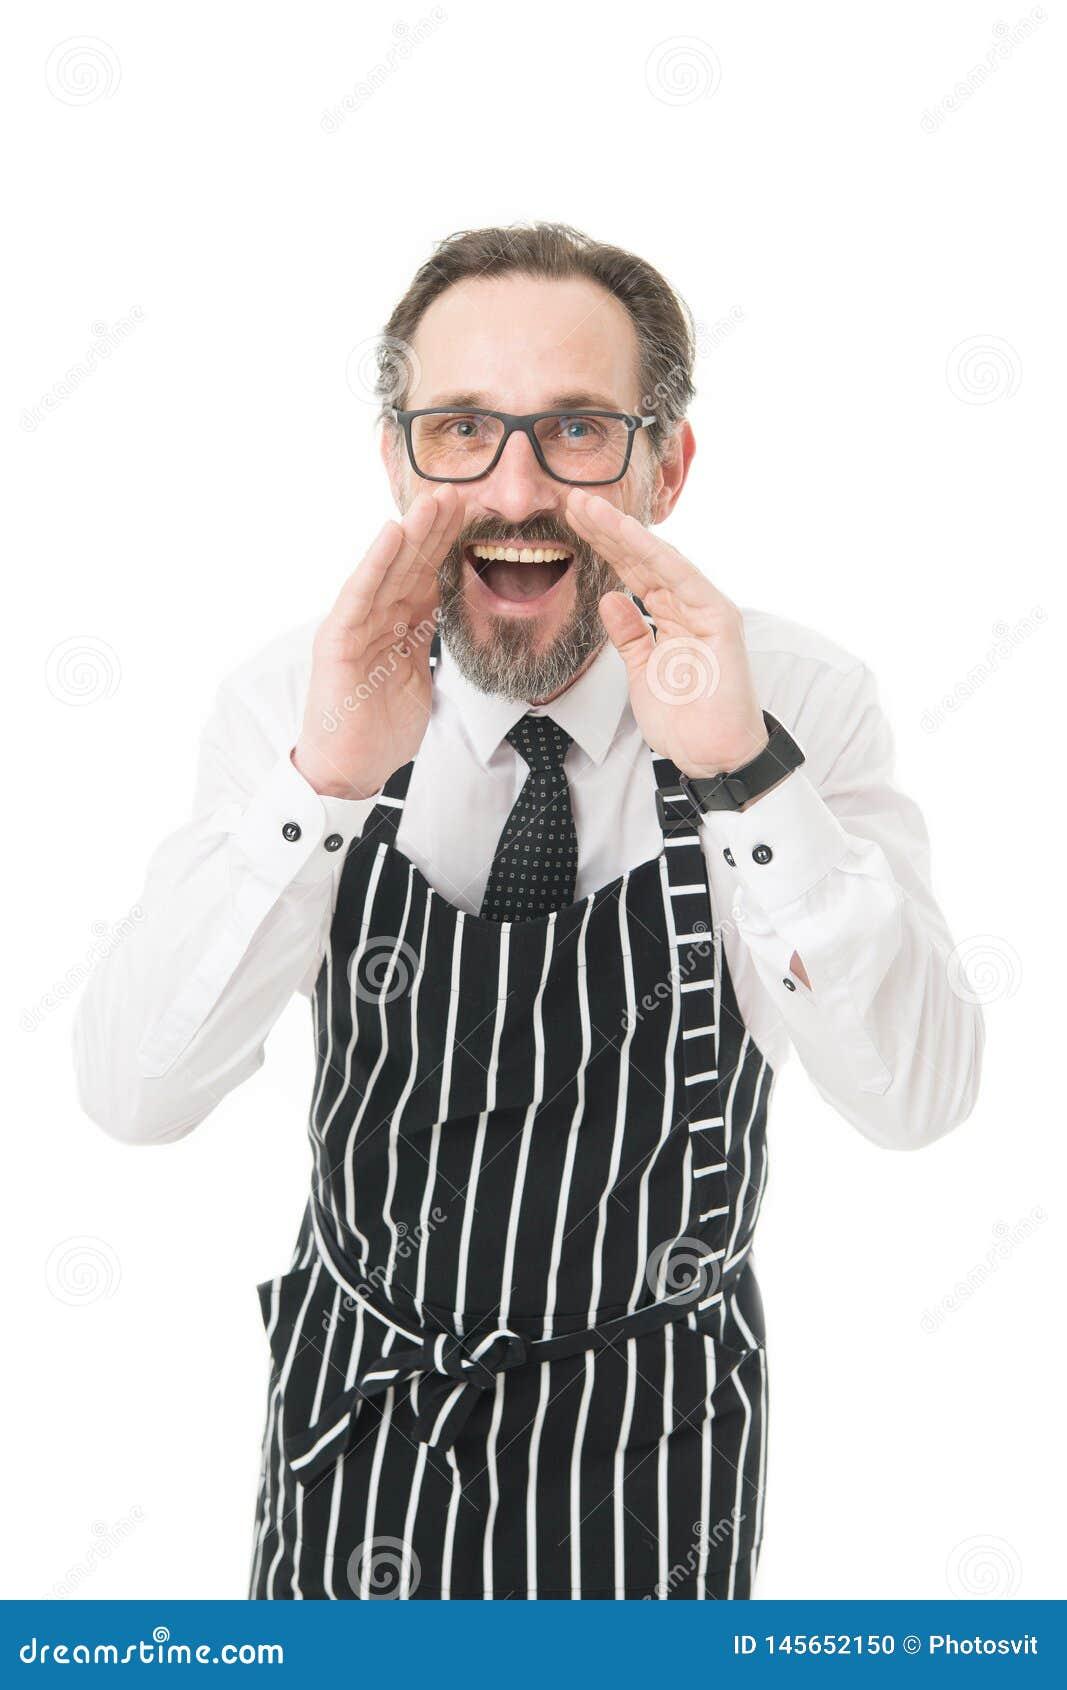 Μισθώνοντας προσωπικό Γενειοφόρο barista ατόμων που φωνάζει σε σας Barista στην πληροφόρηση ποδιών Έννοια καφετεριών Ώριμοι συνάδ